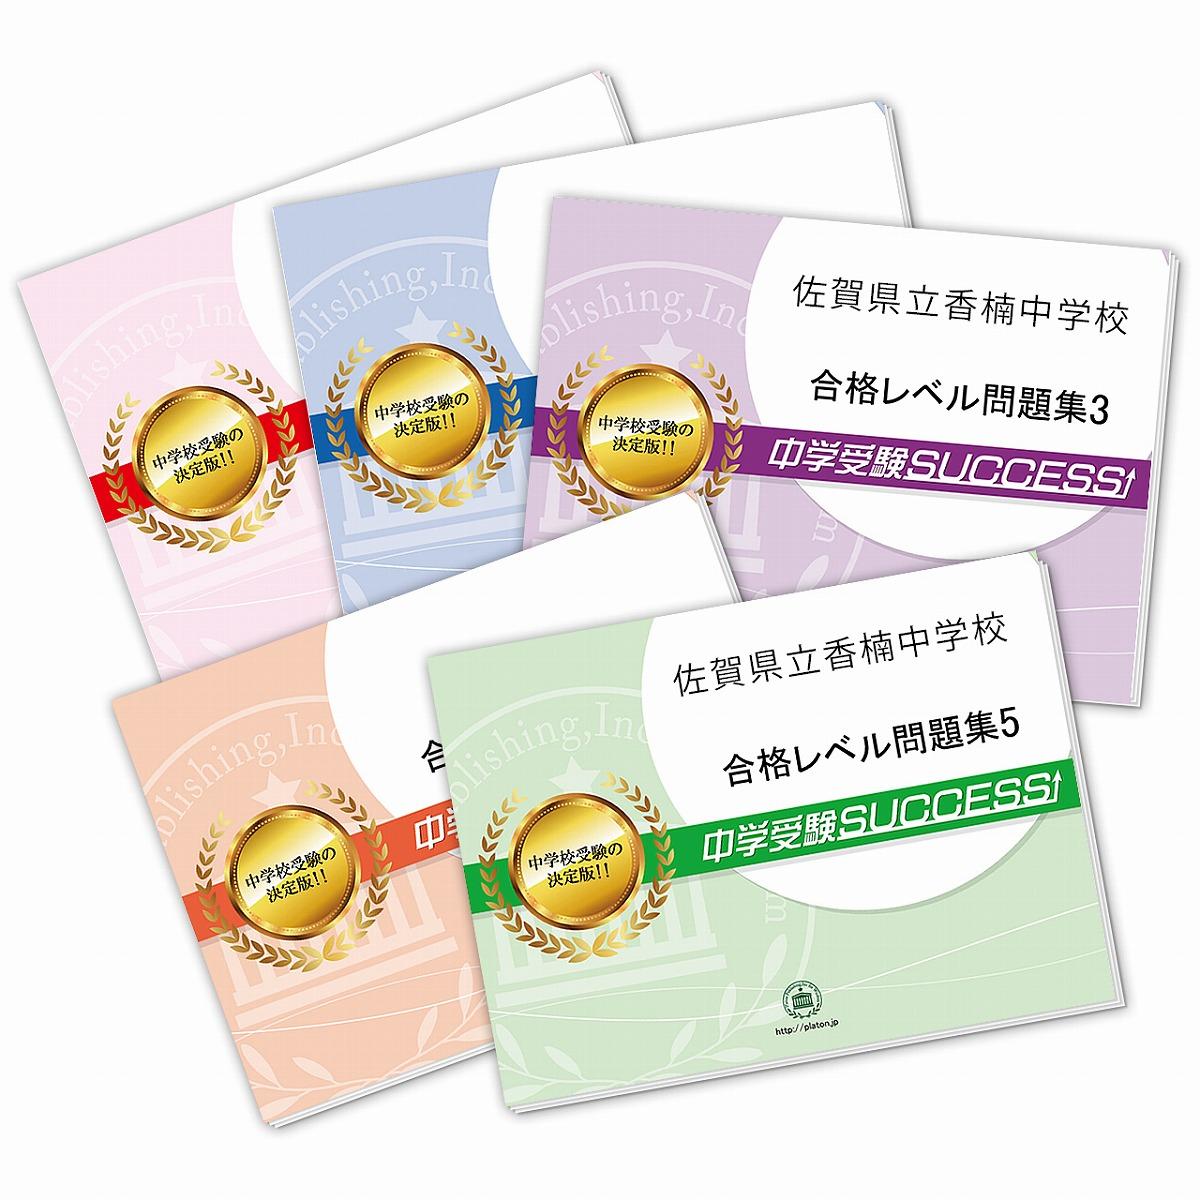 送料 代引手数料無料 佐賀県立香楠中学校 メーカー公式 予約販売 直前対策合格セット 5冊